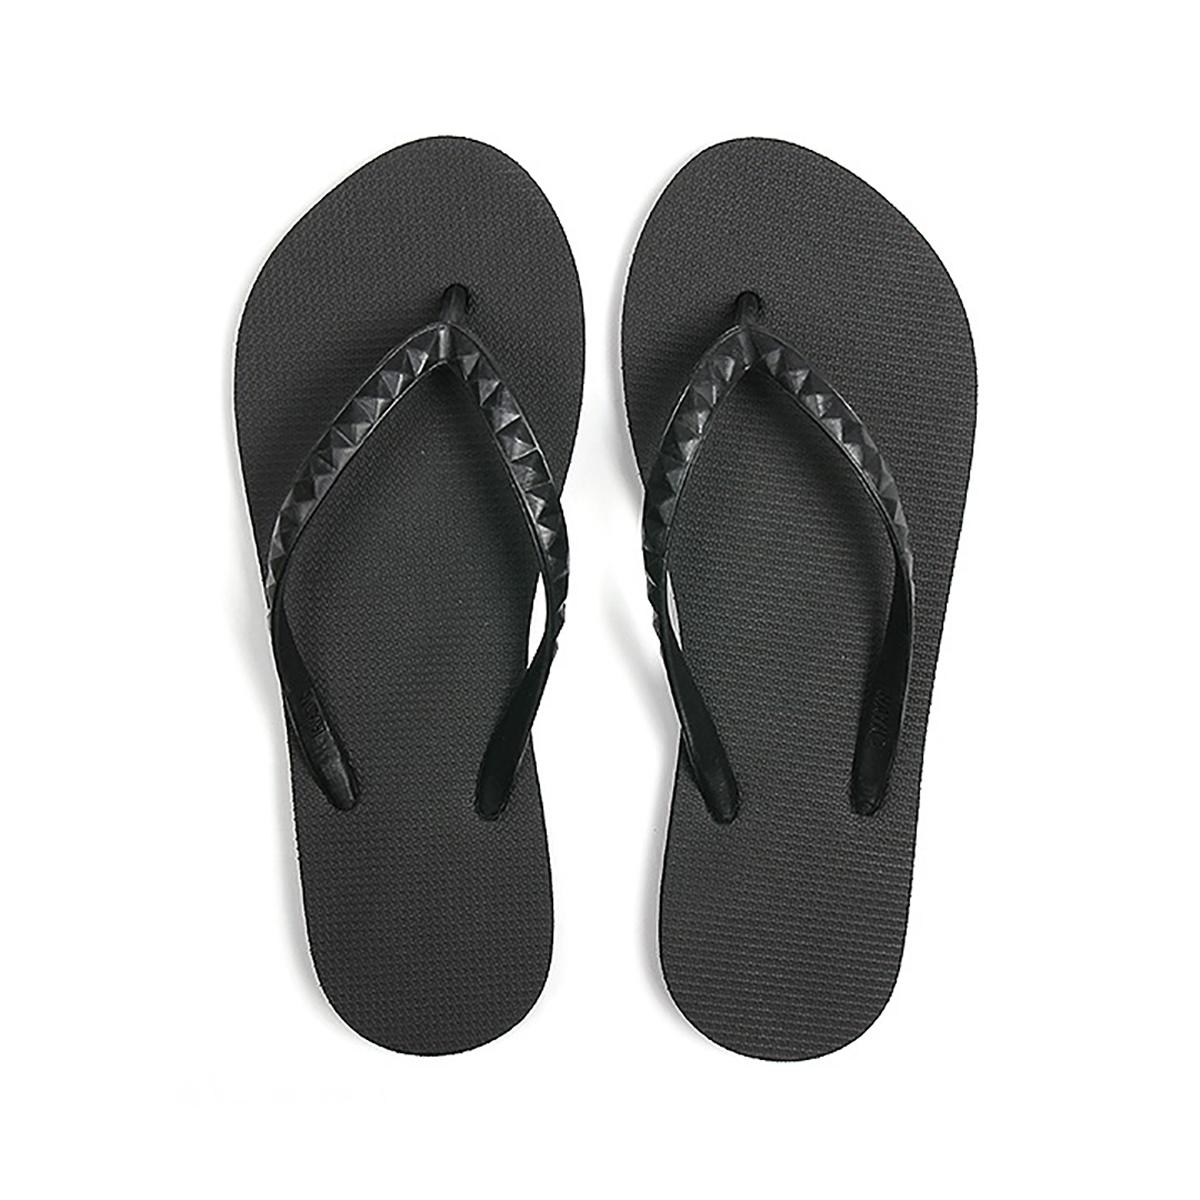 ハワイ生まれのLOHASなビーチサンダル|STUDDED (WOMEN) Lava Rock | 足も心も気持ちいい、ハワイ生まれのビーチサンダル